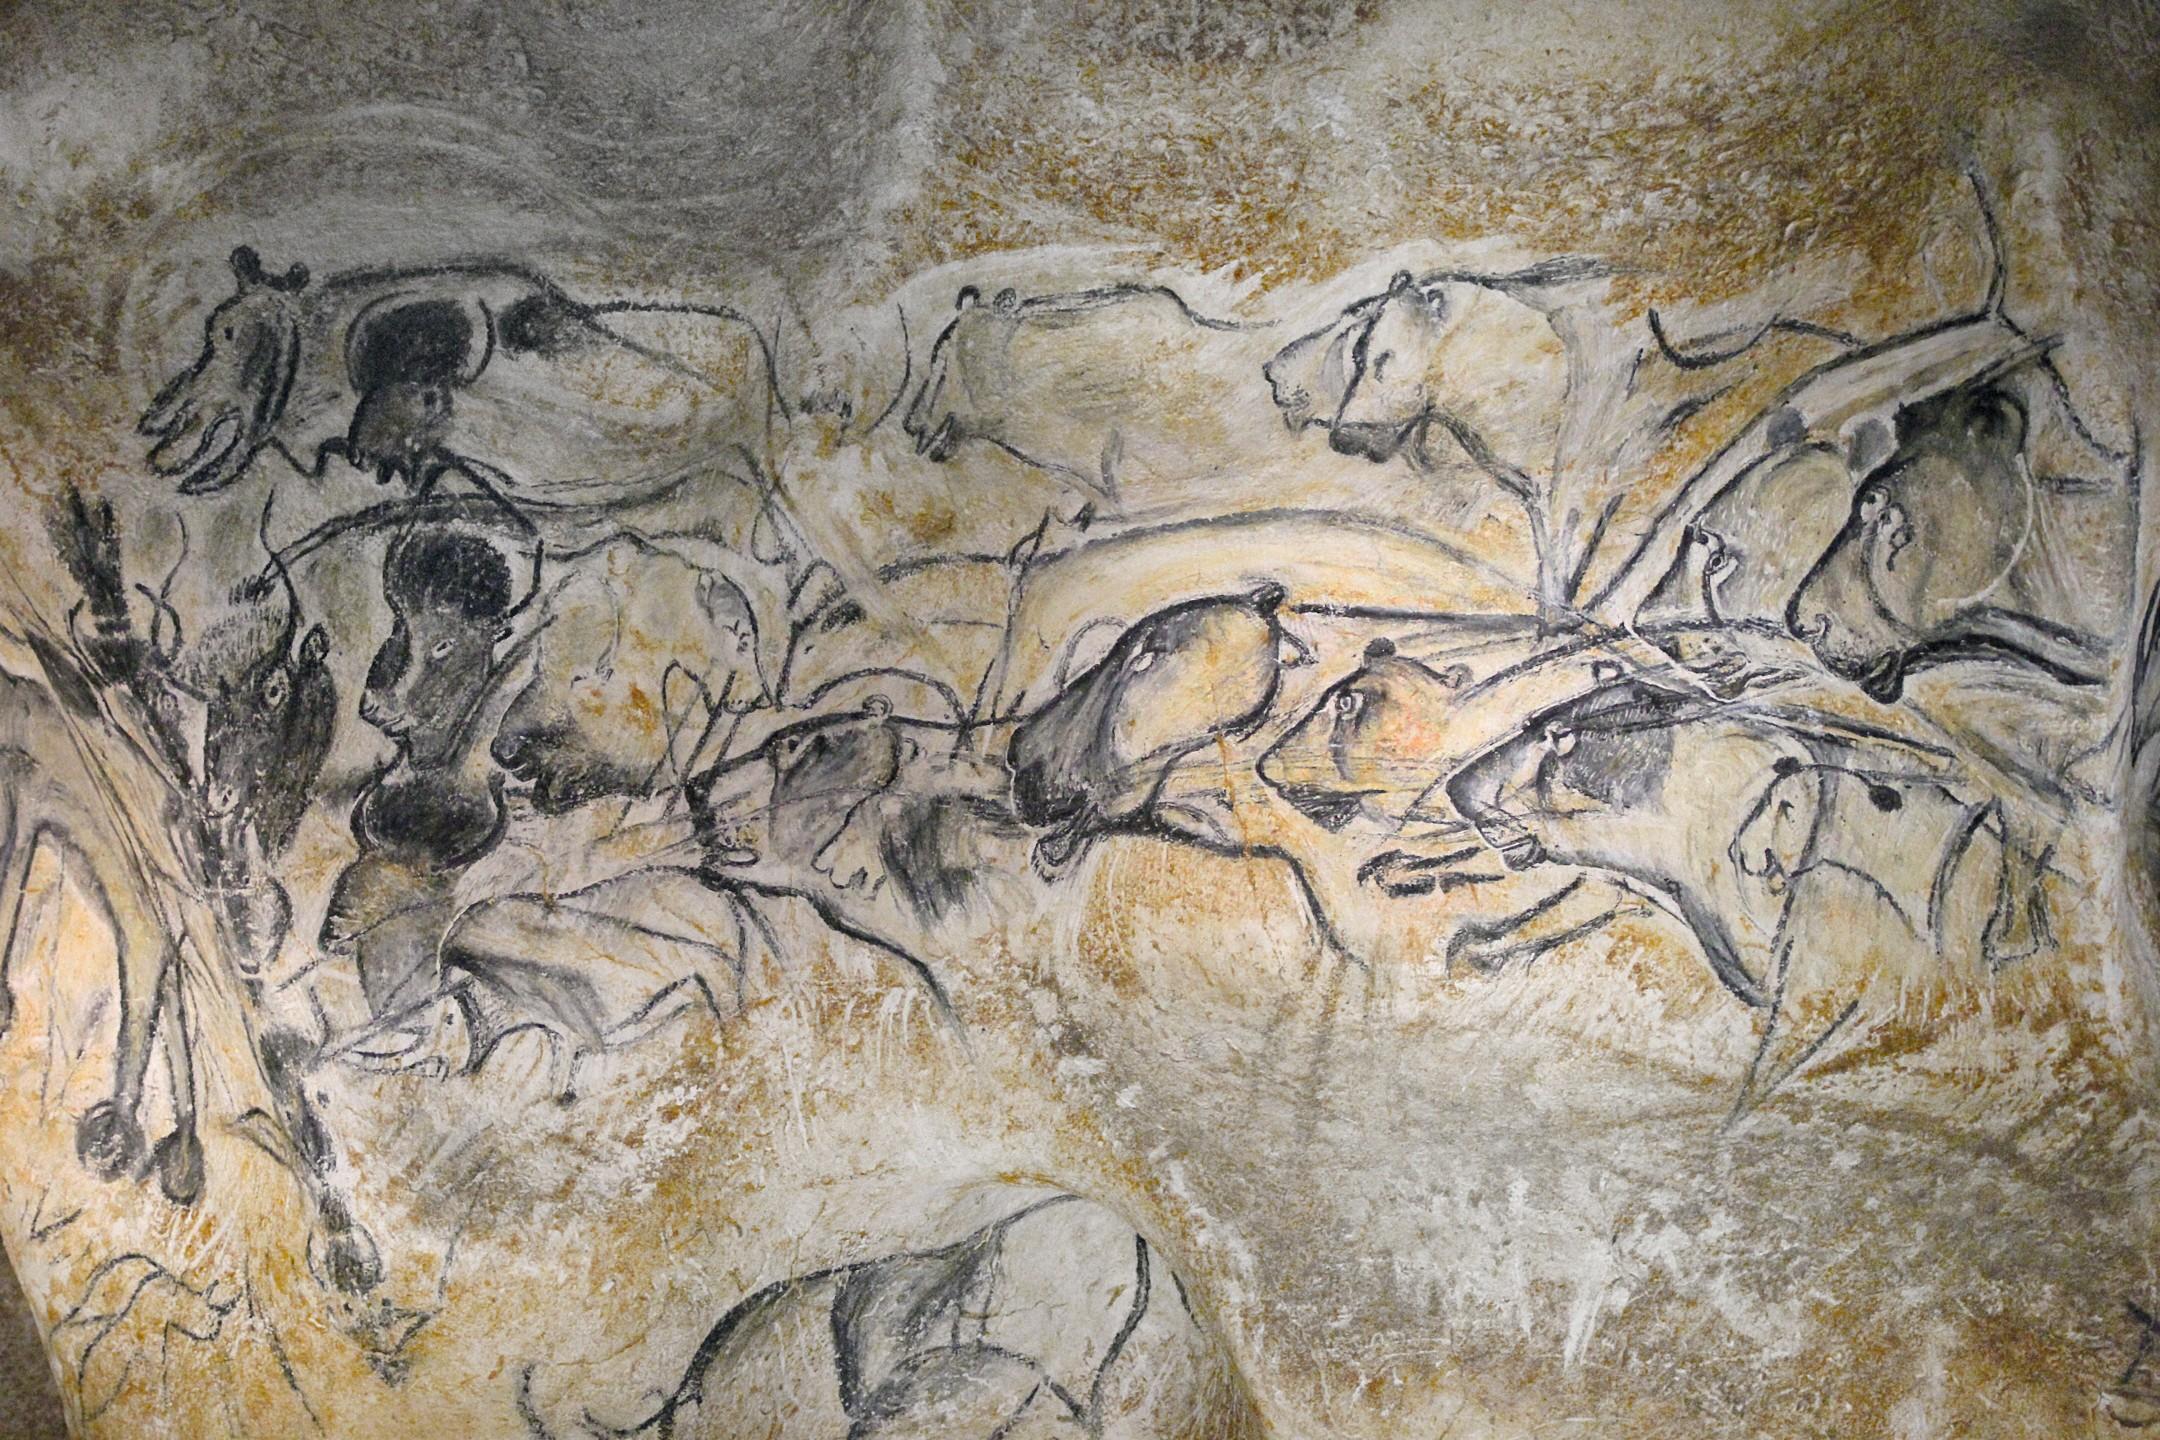 Grotte Chauvet-Pont d'Arc